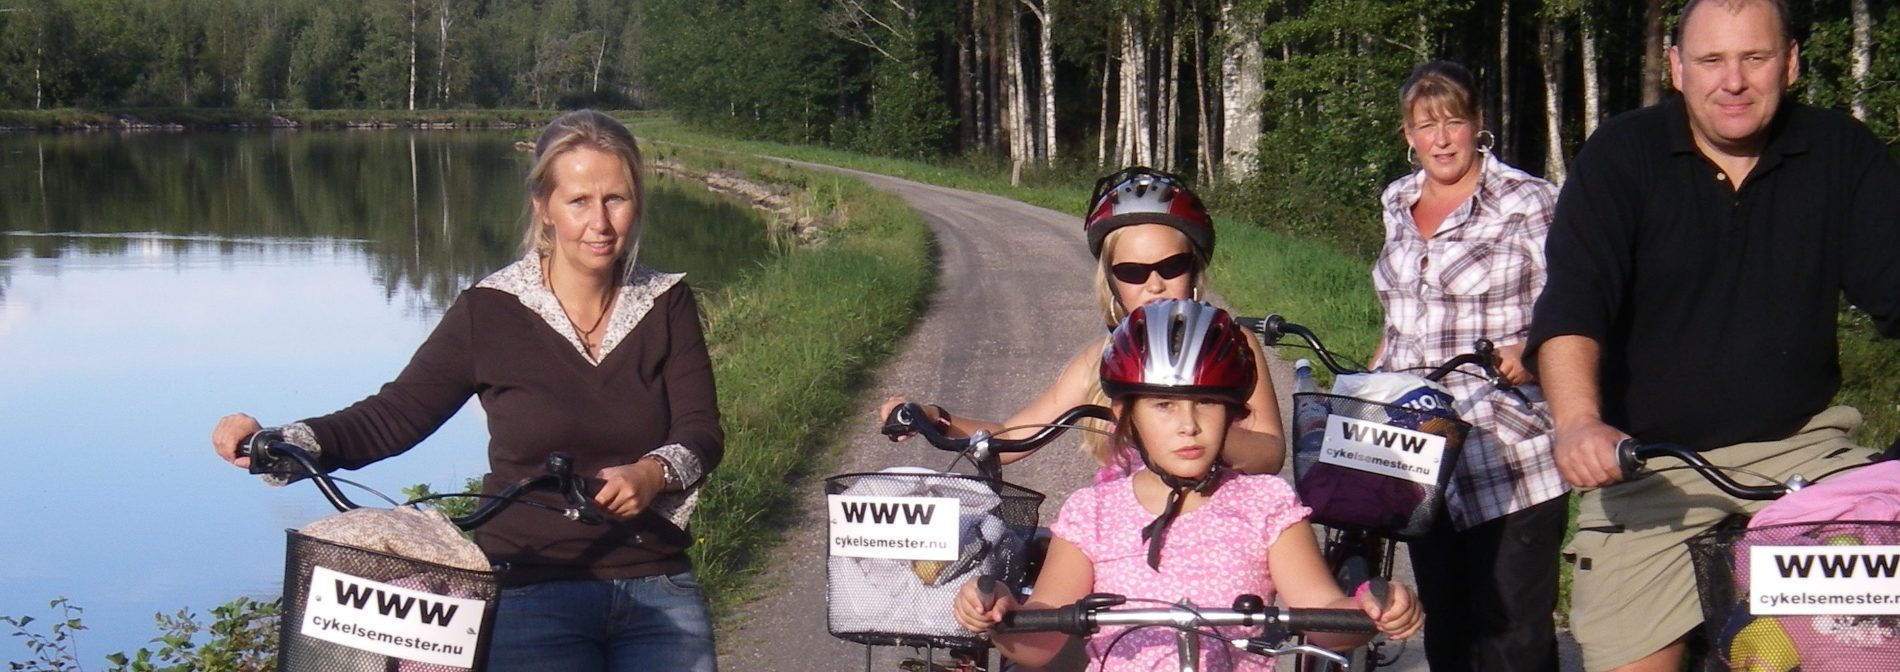 Cykelsemester Göta kanal